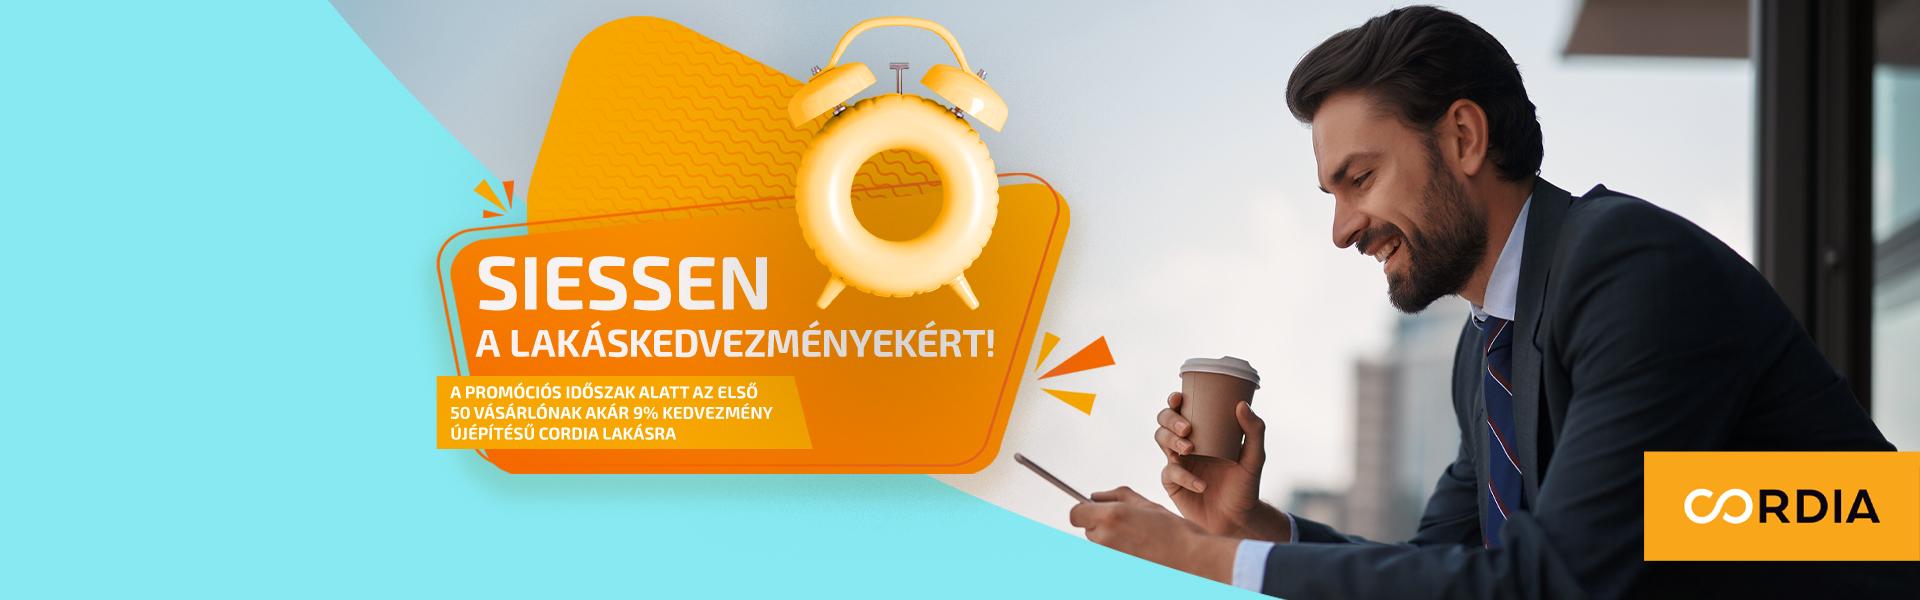 crd-arengedmeny-kampany-magasan-a-varosban-1920x600-20200728-jogi-es-kattintson-nelkul